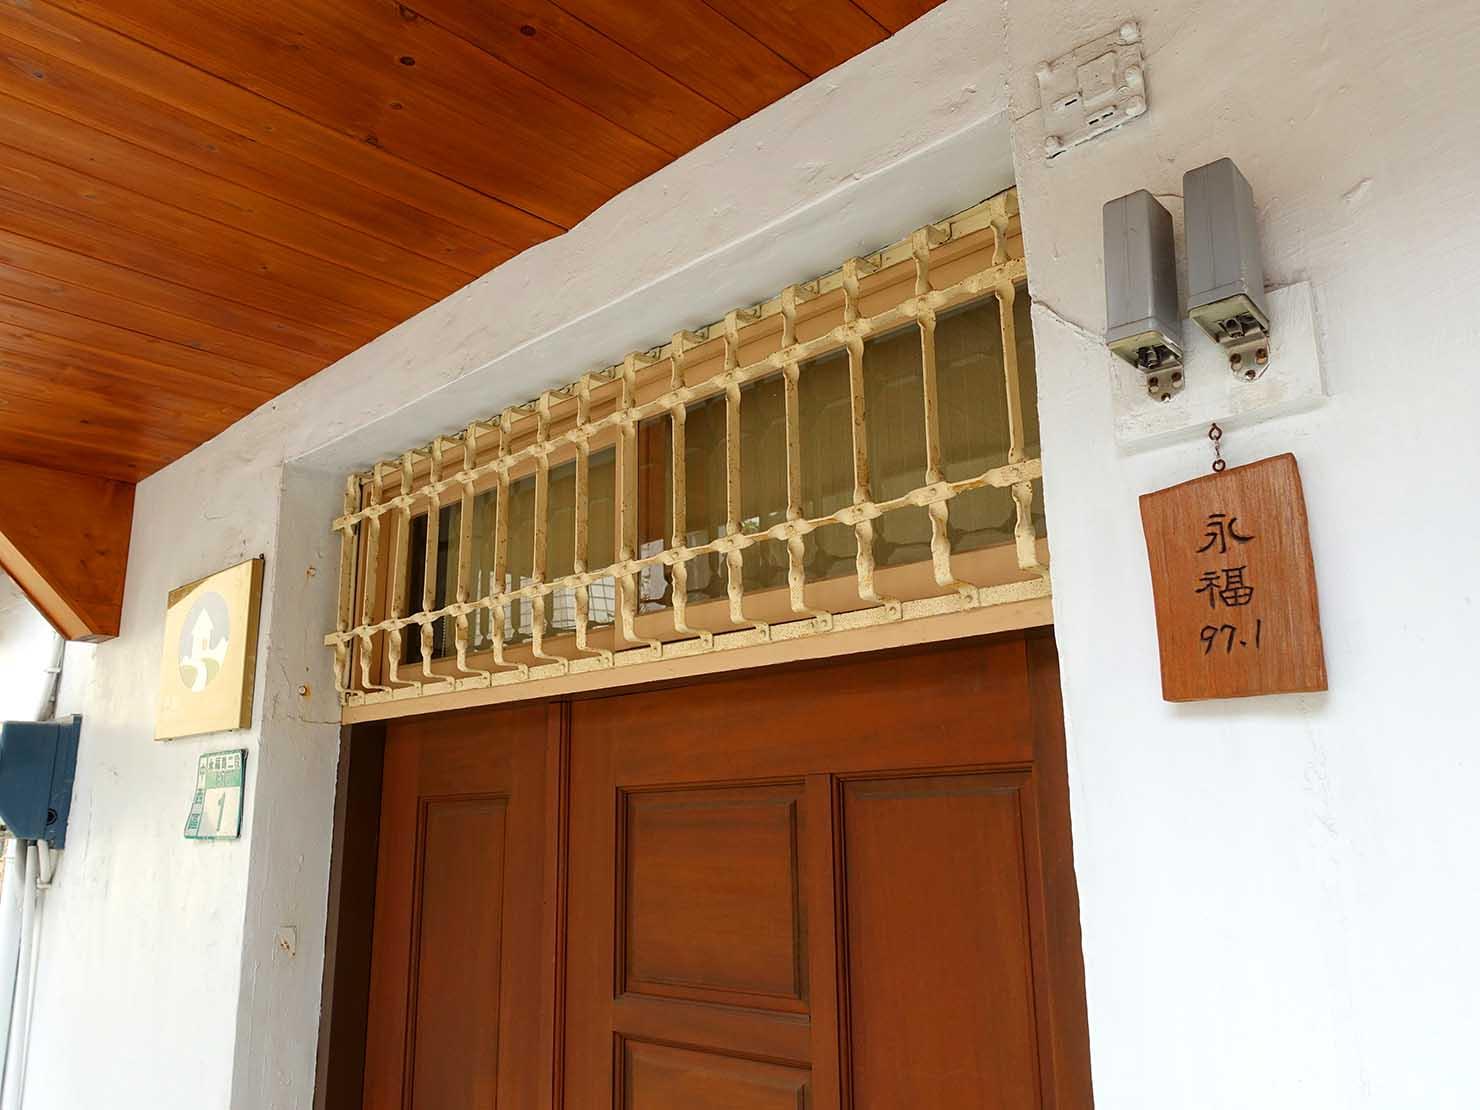 台南のおすすめ古民家ゲストハウス「永福97.1」の入り口